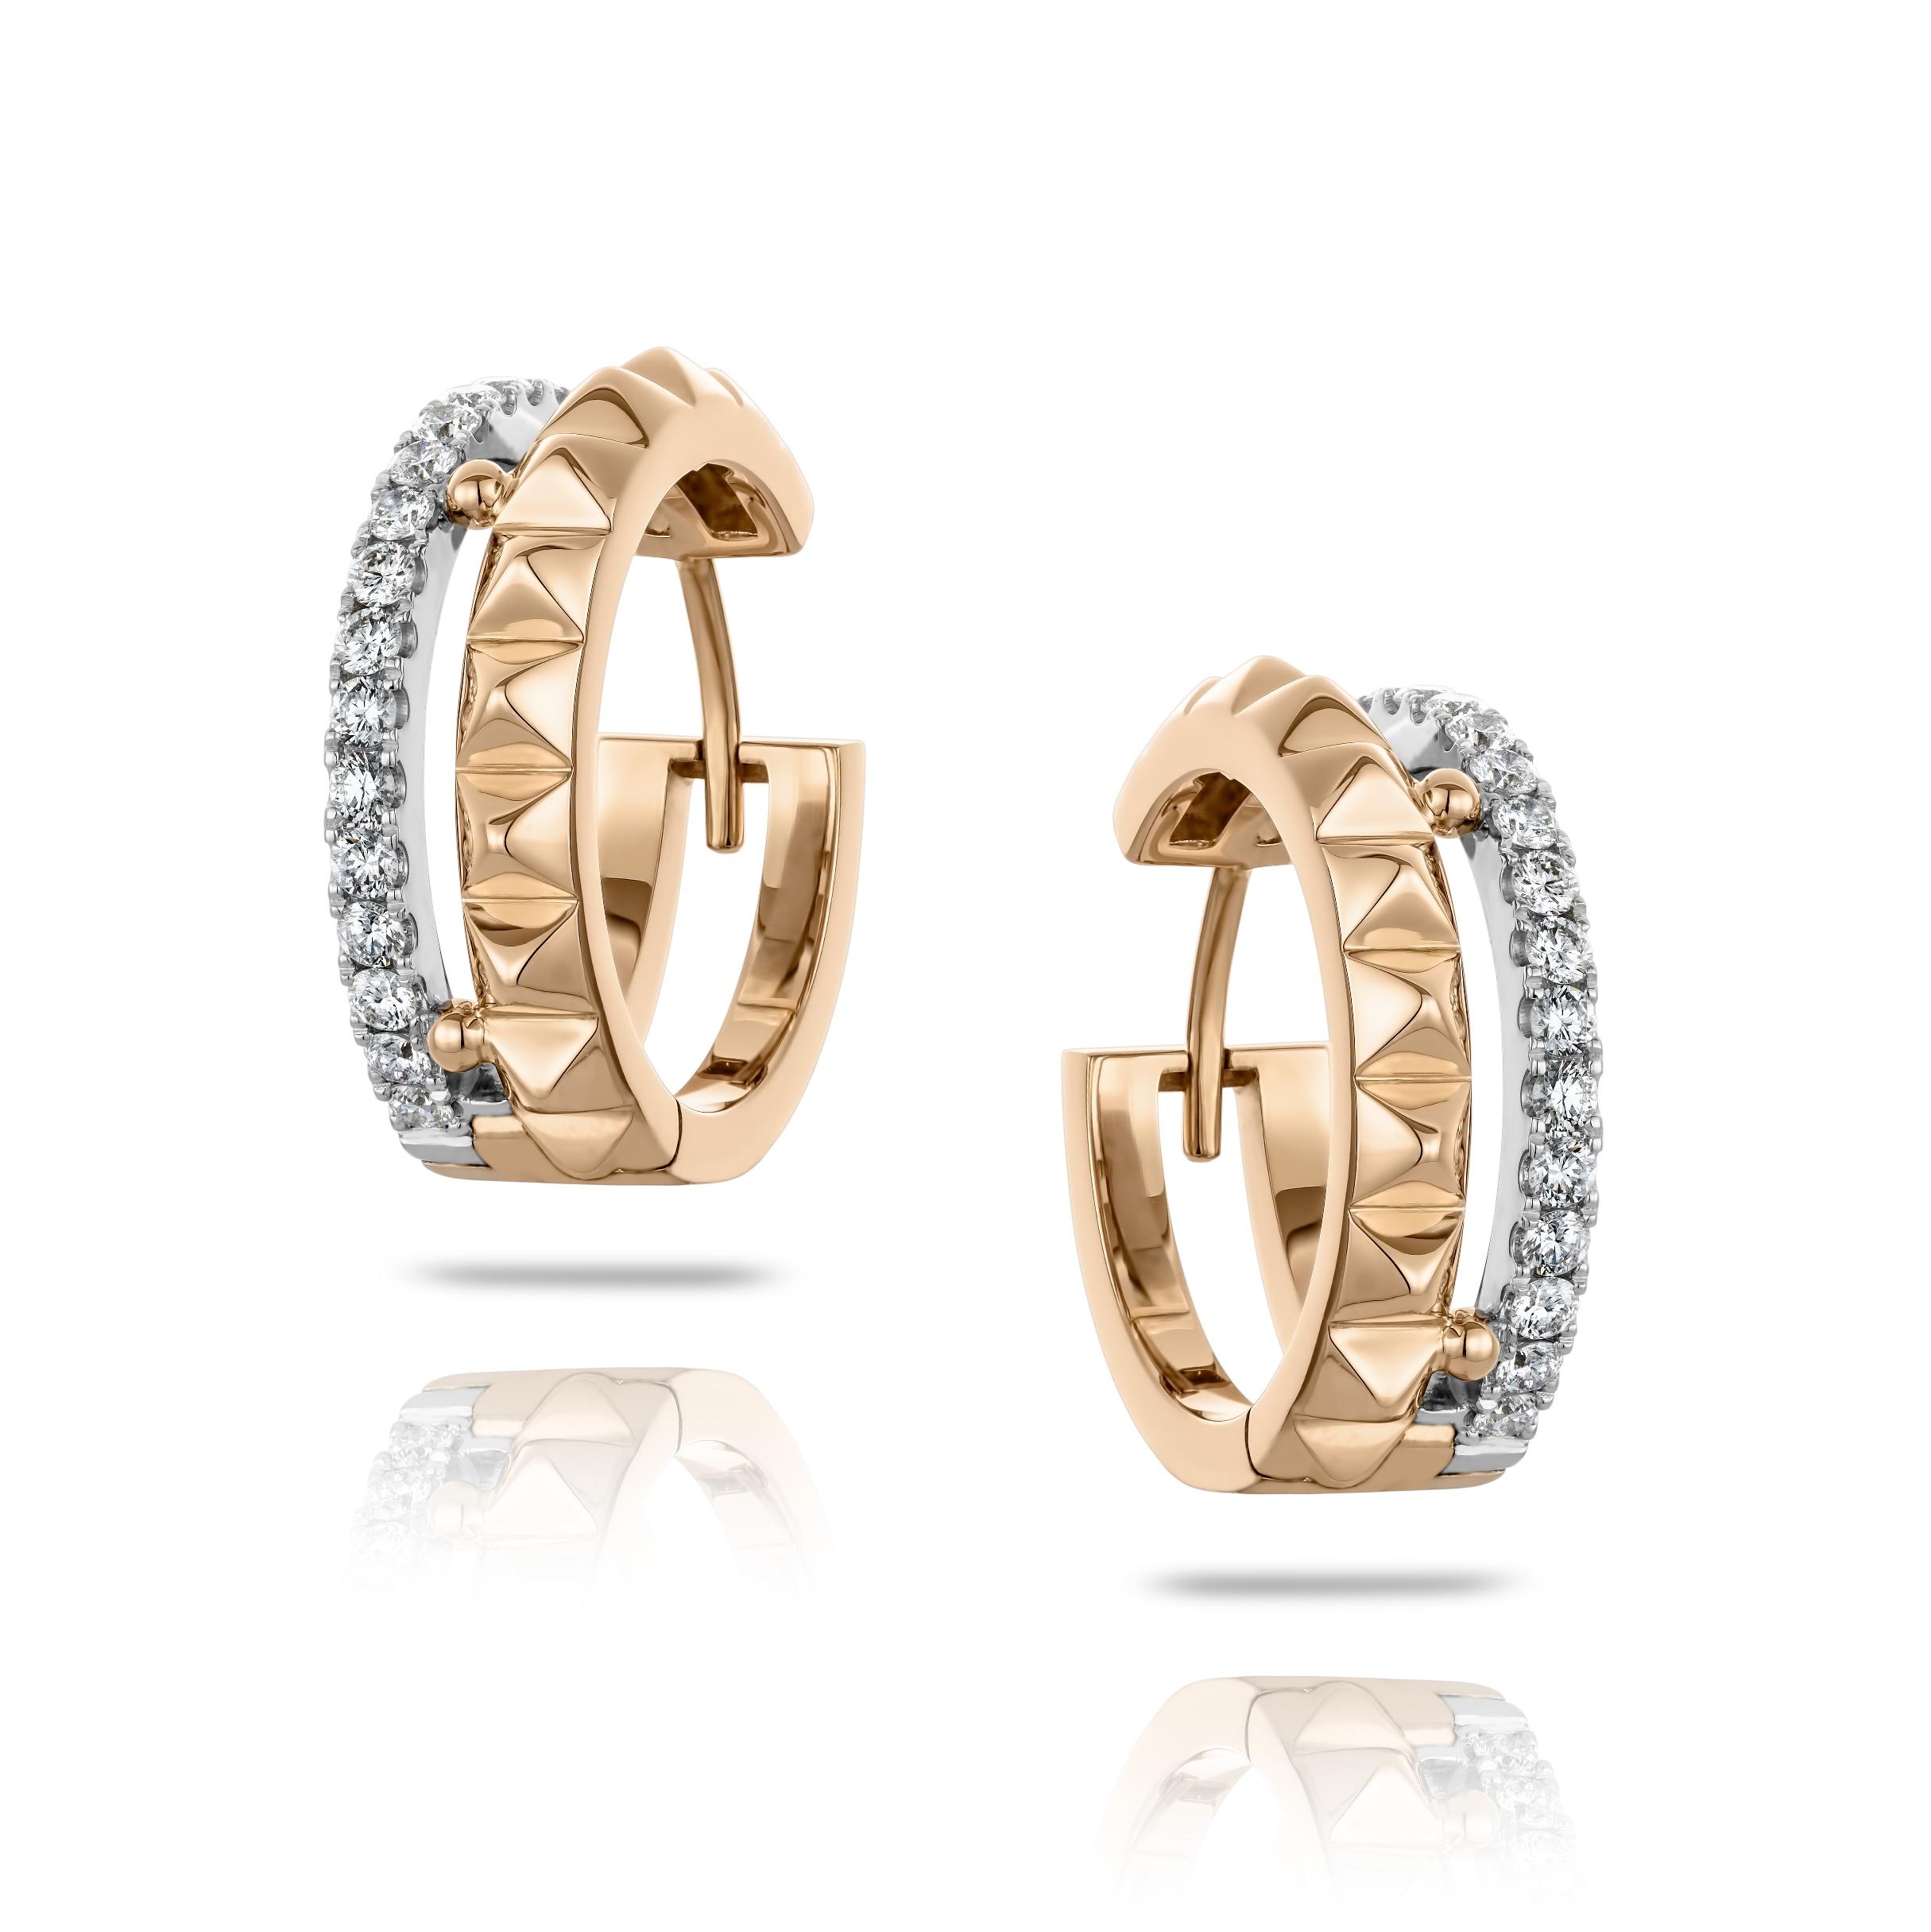 Boucles d'oreilles doubles Hulchi Belluni anneaux d'or rose pyramides et pavé de diamants